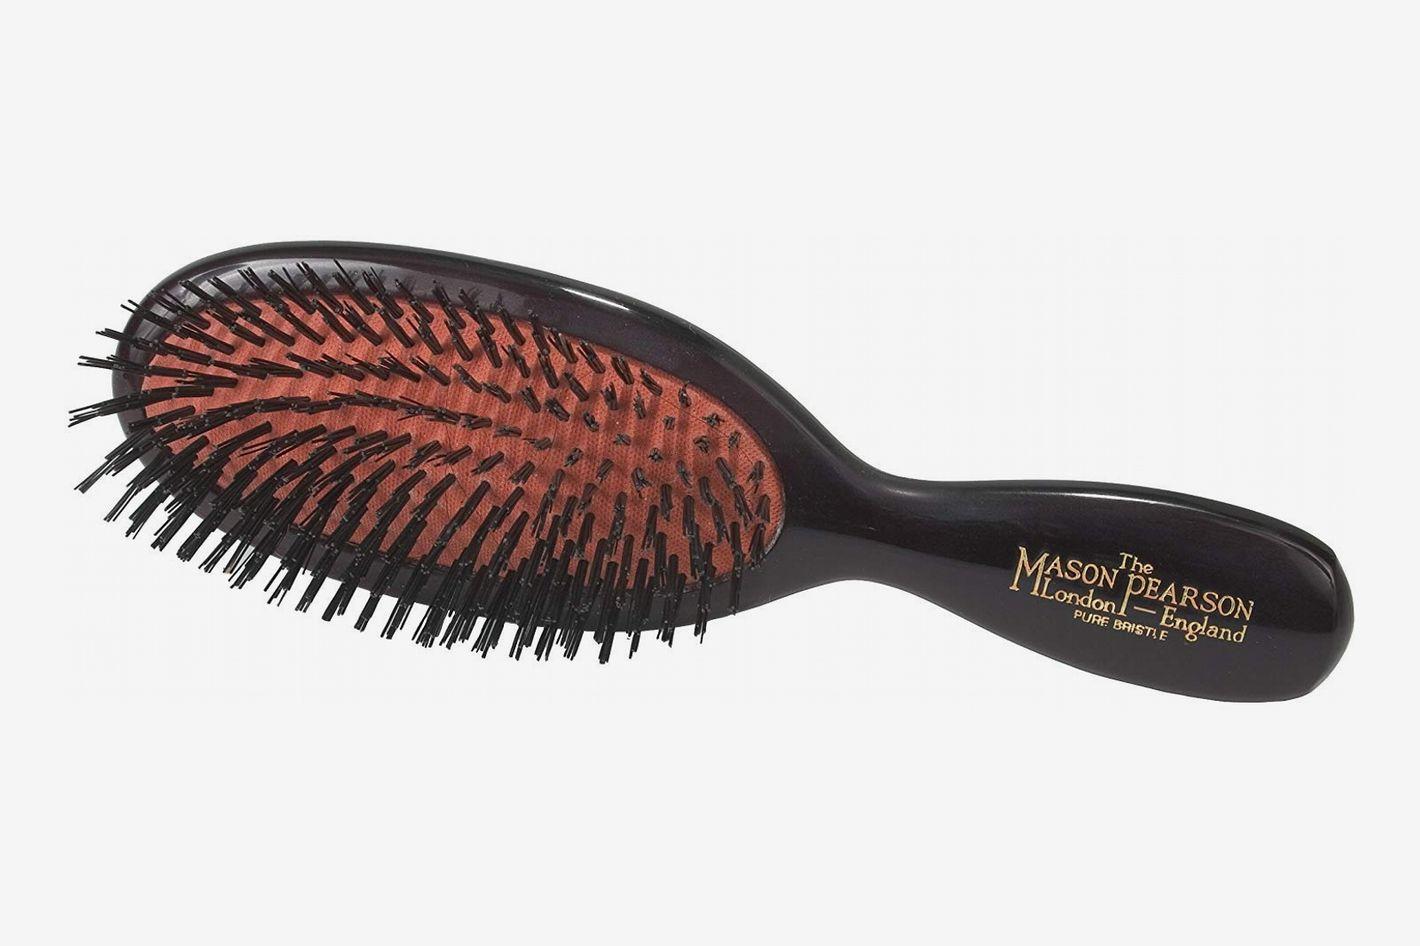 Mason Pearson Pocket Bristle Hair Brush